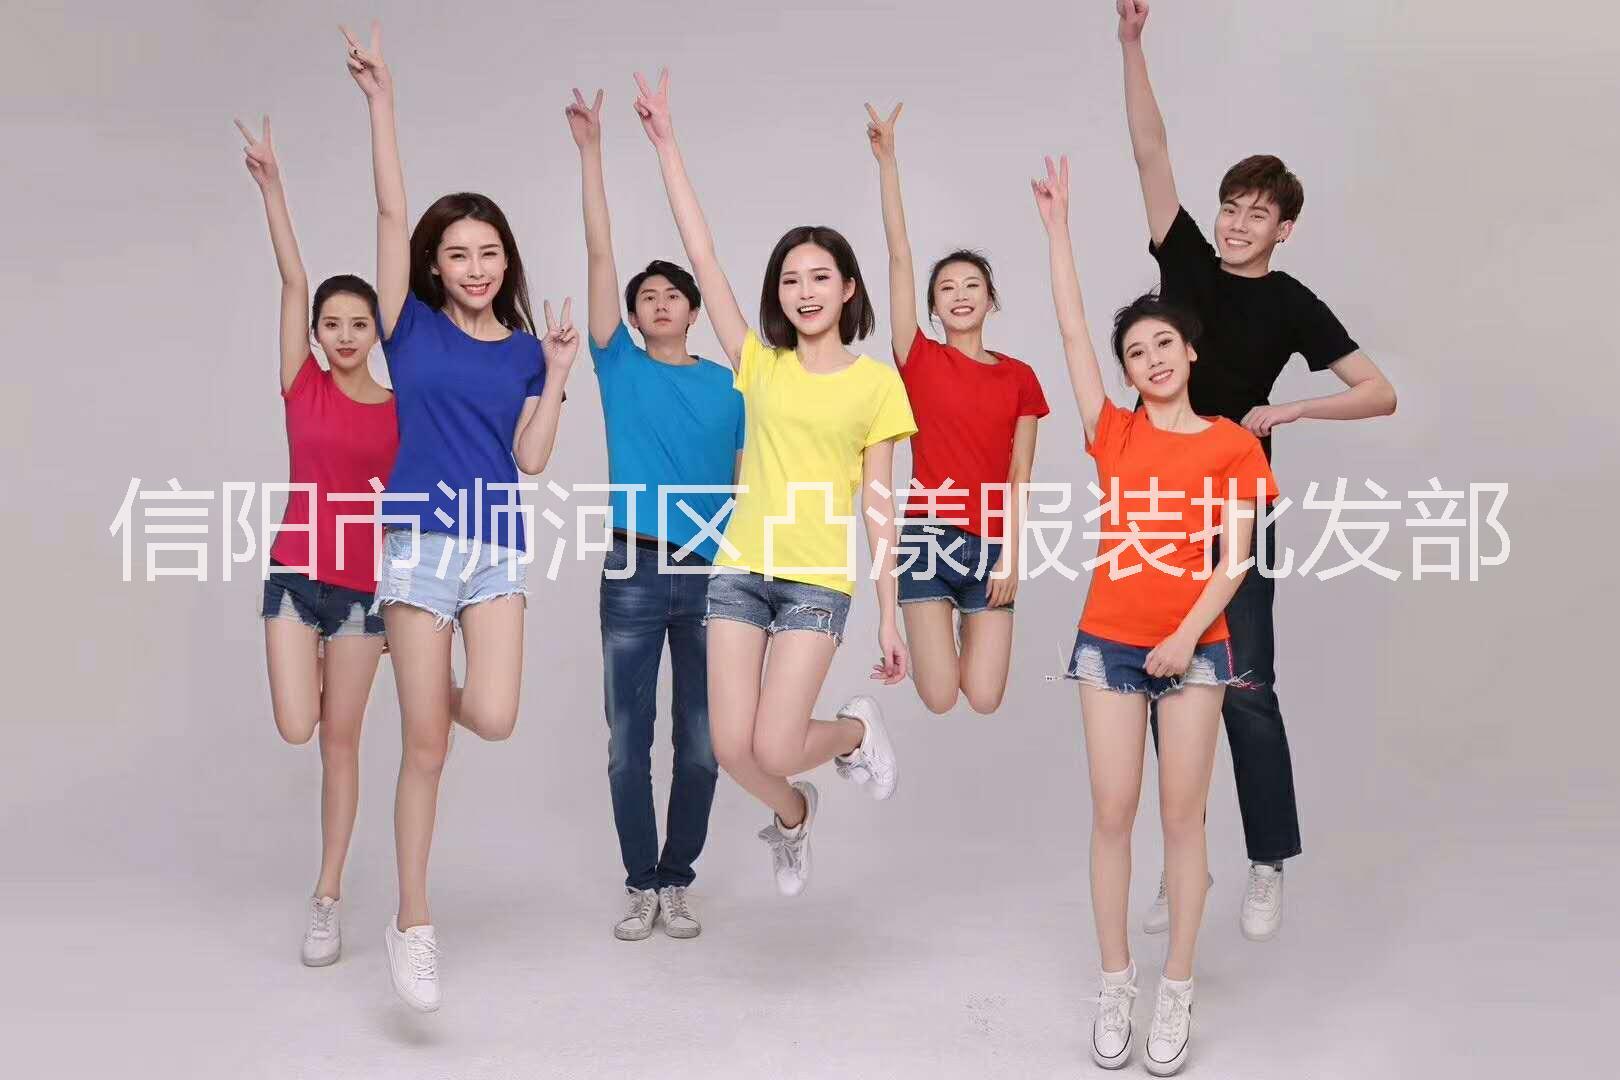 信阳班服定制t恤DIY毕业同学聚会定做纯棉圆领短袖工作服文化衫印logo